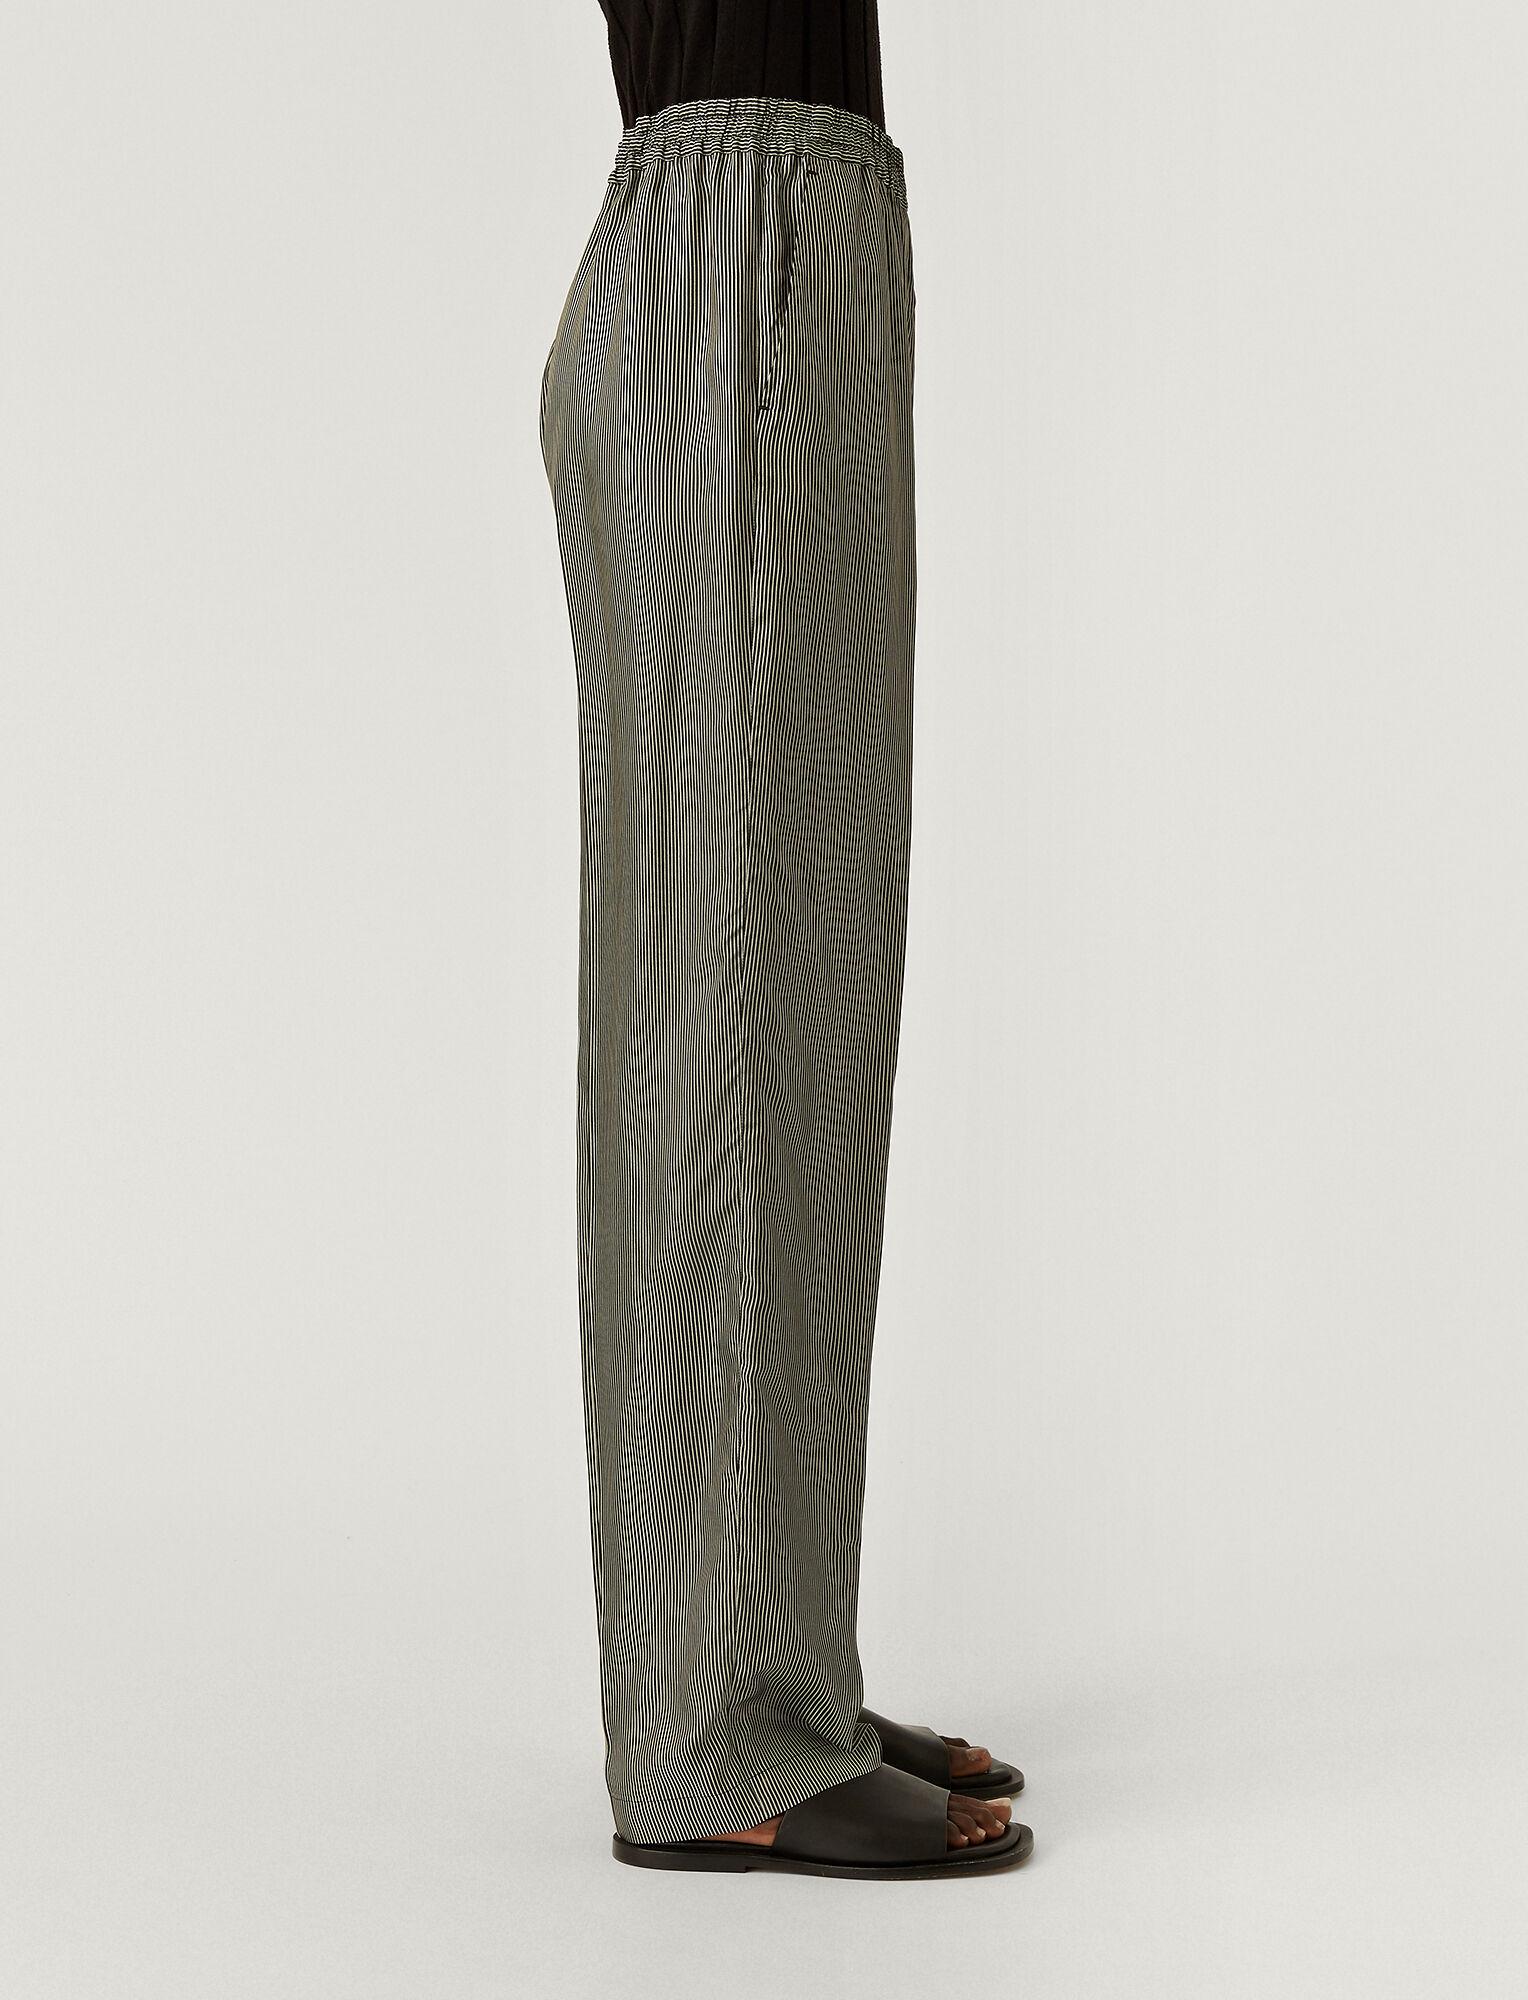 Joseph, Stripe Print Tillion Trousers, in BLACK/PORCELAIN